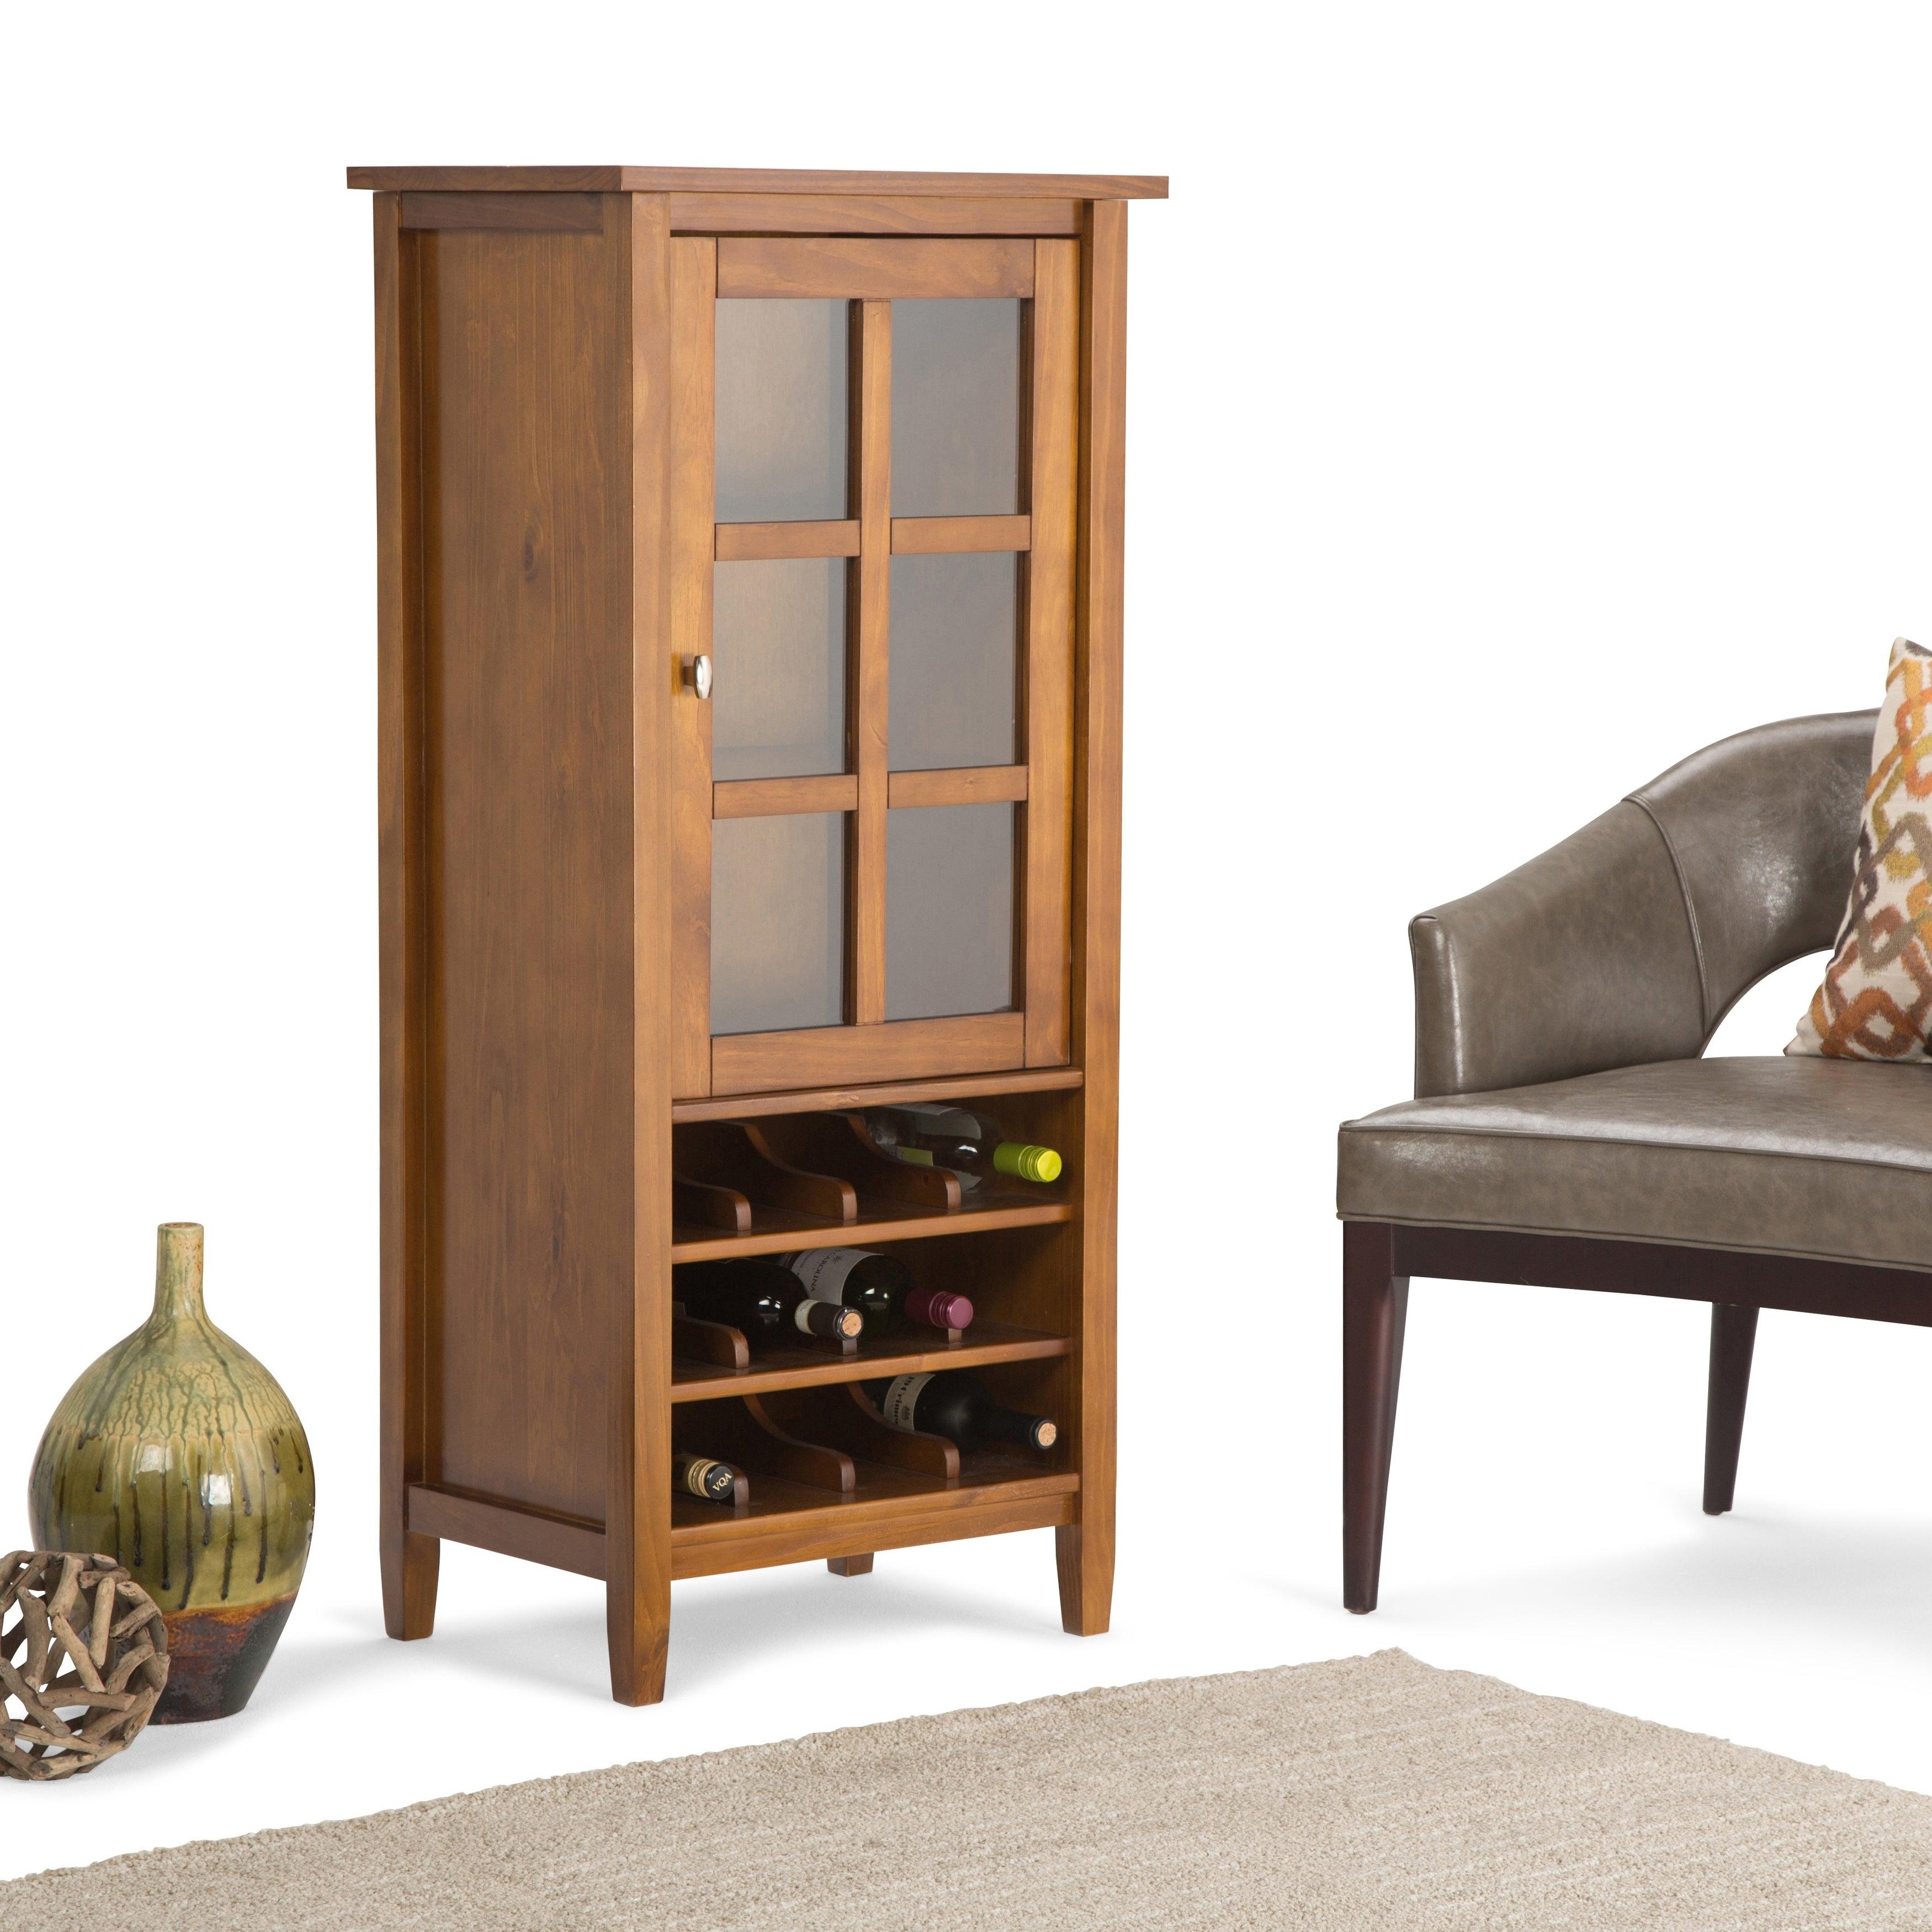 Wyndenhall Norfolk High Storage Wine Rack (Honey Brown)